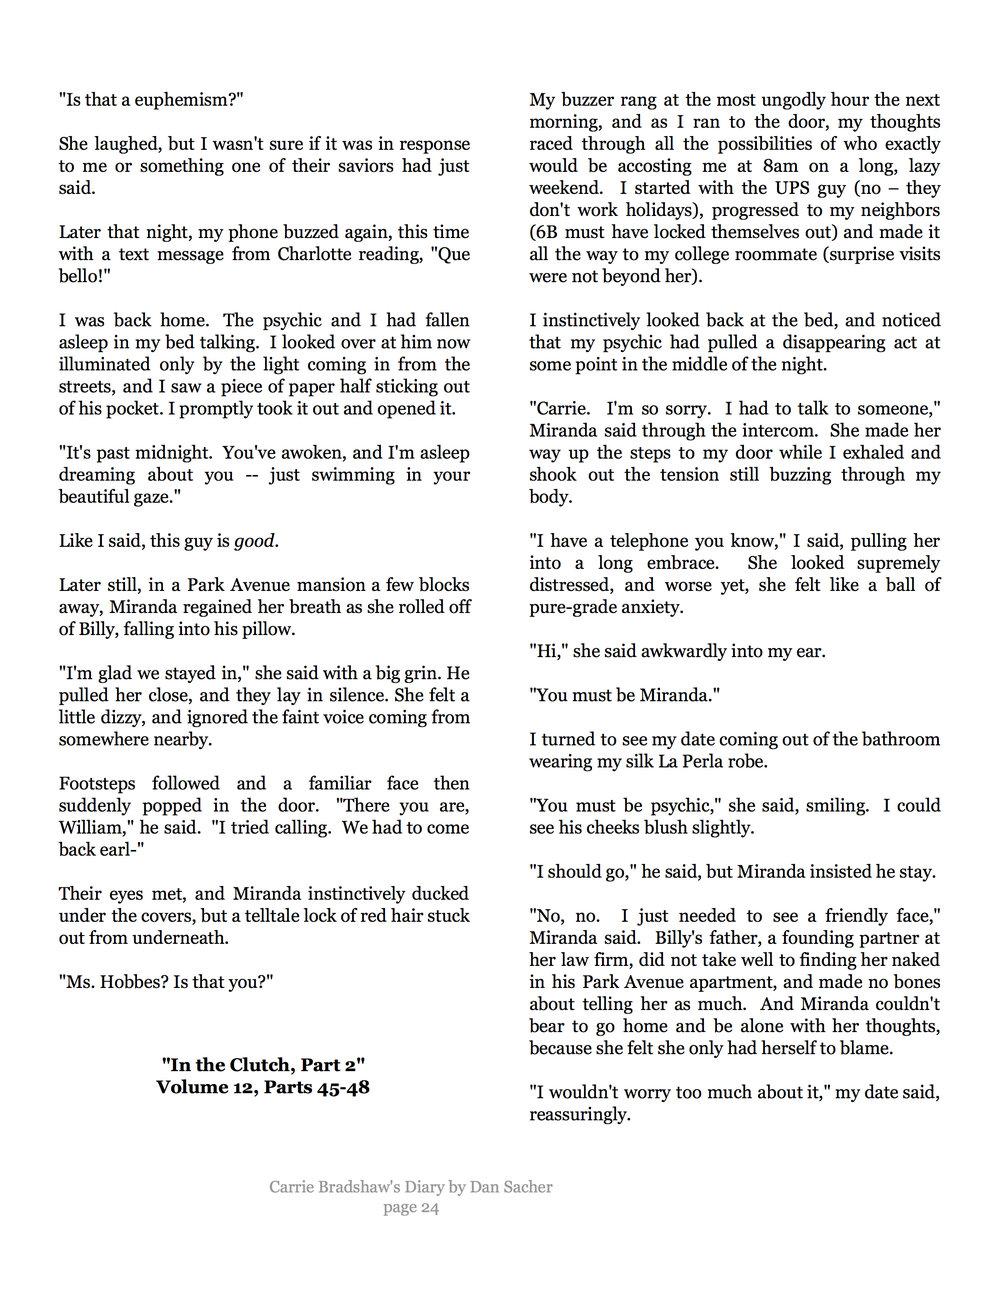 Carrie's Diary24.jpg